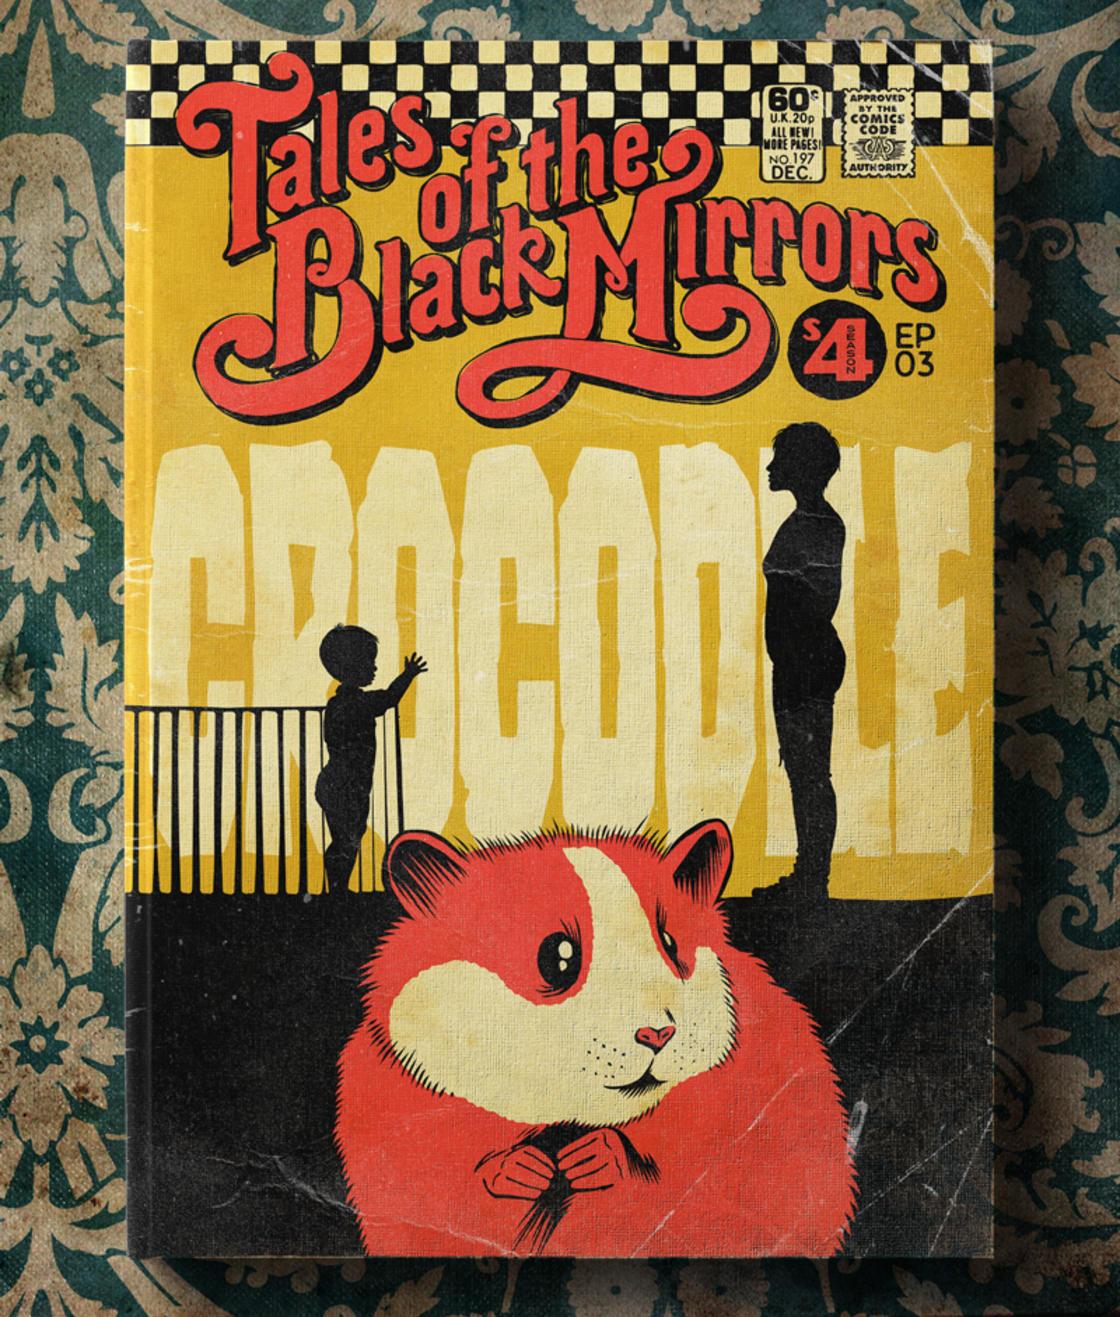 Black Mirror – Les episodes de la saison 4 transformes en comics vintage